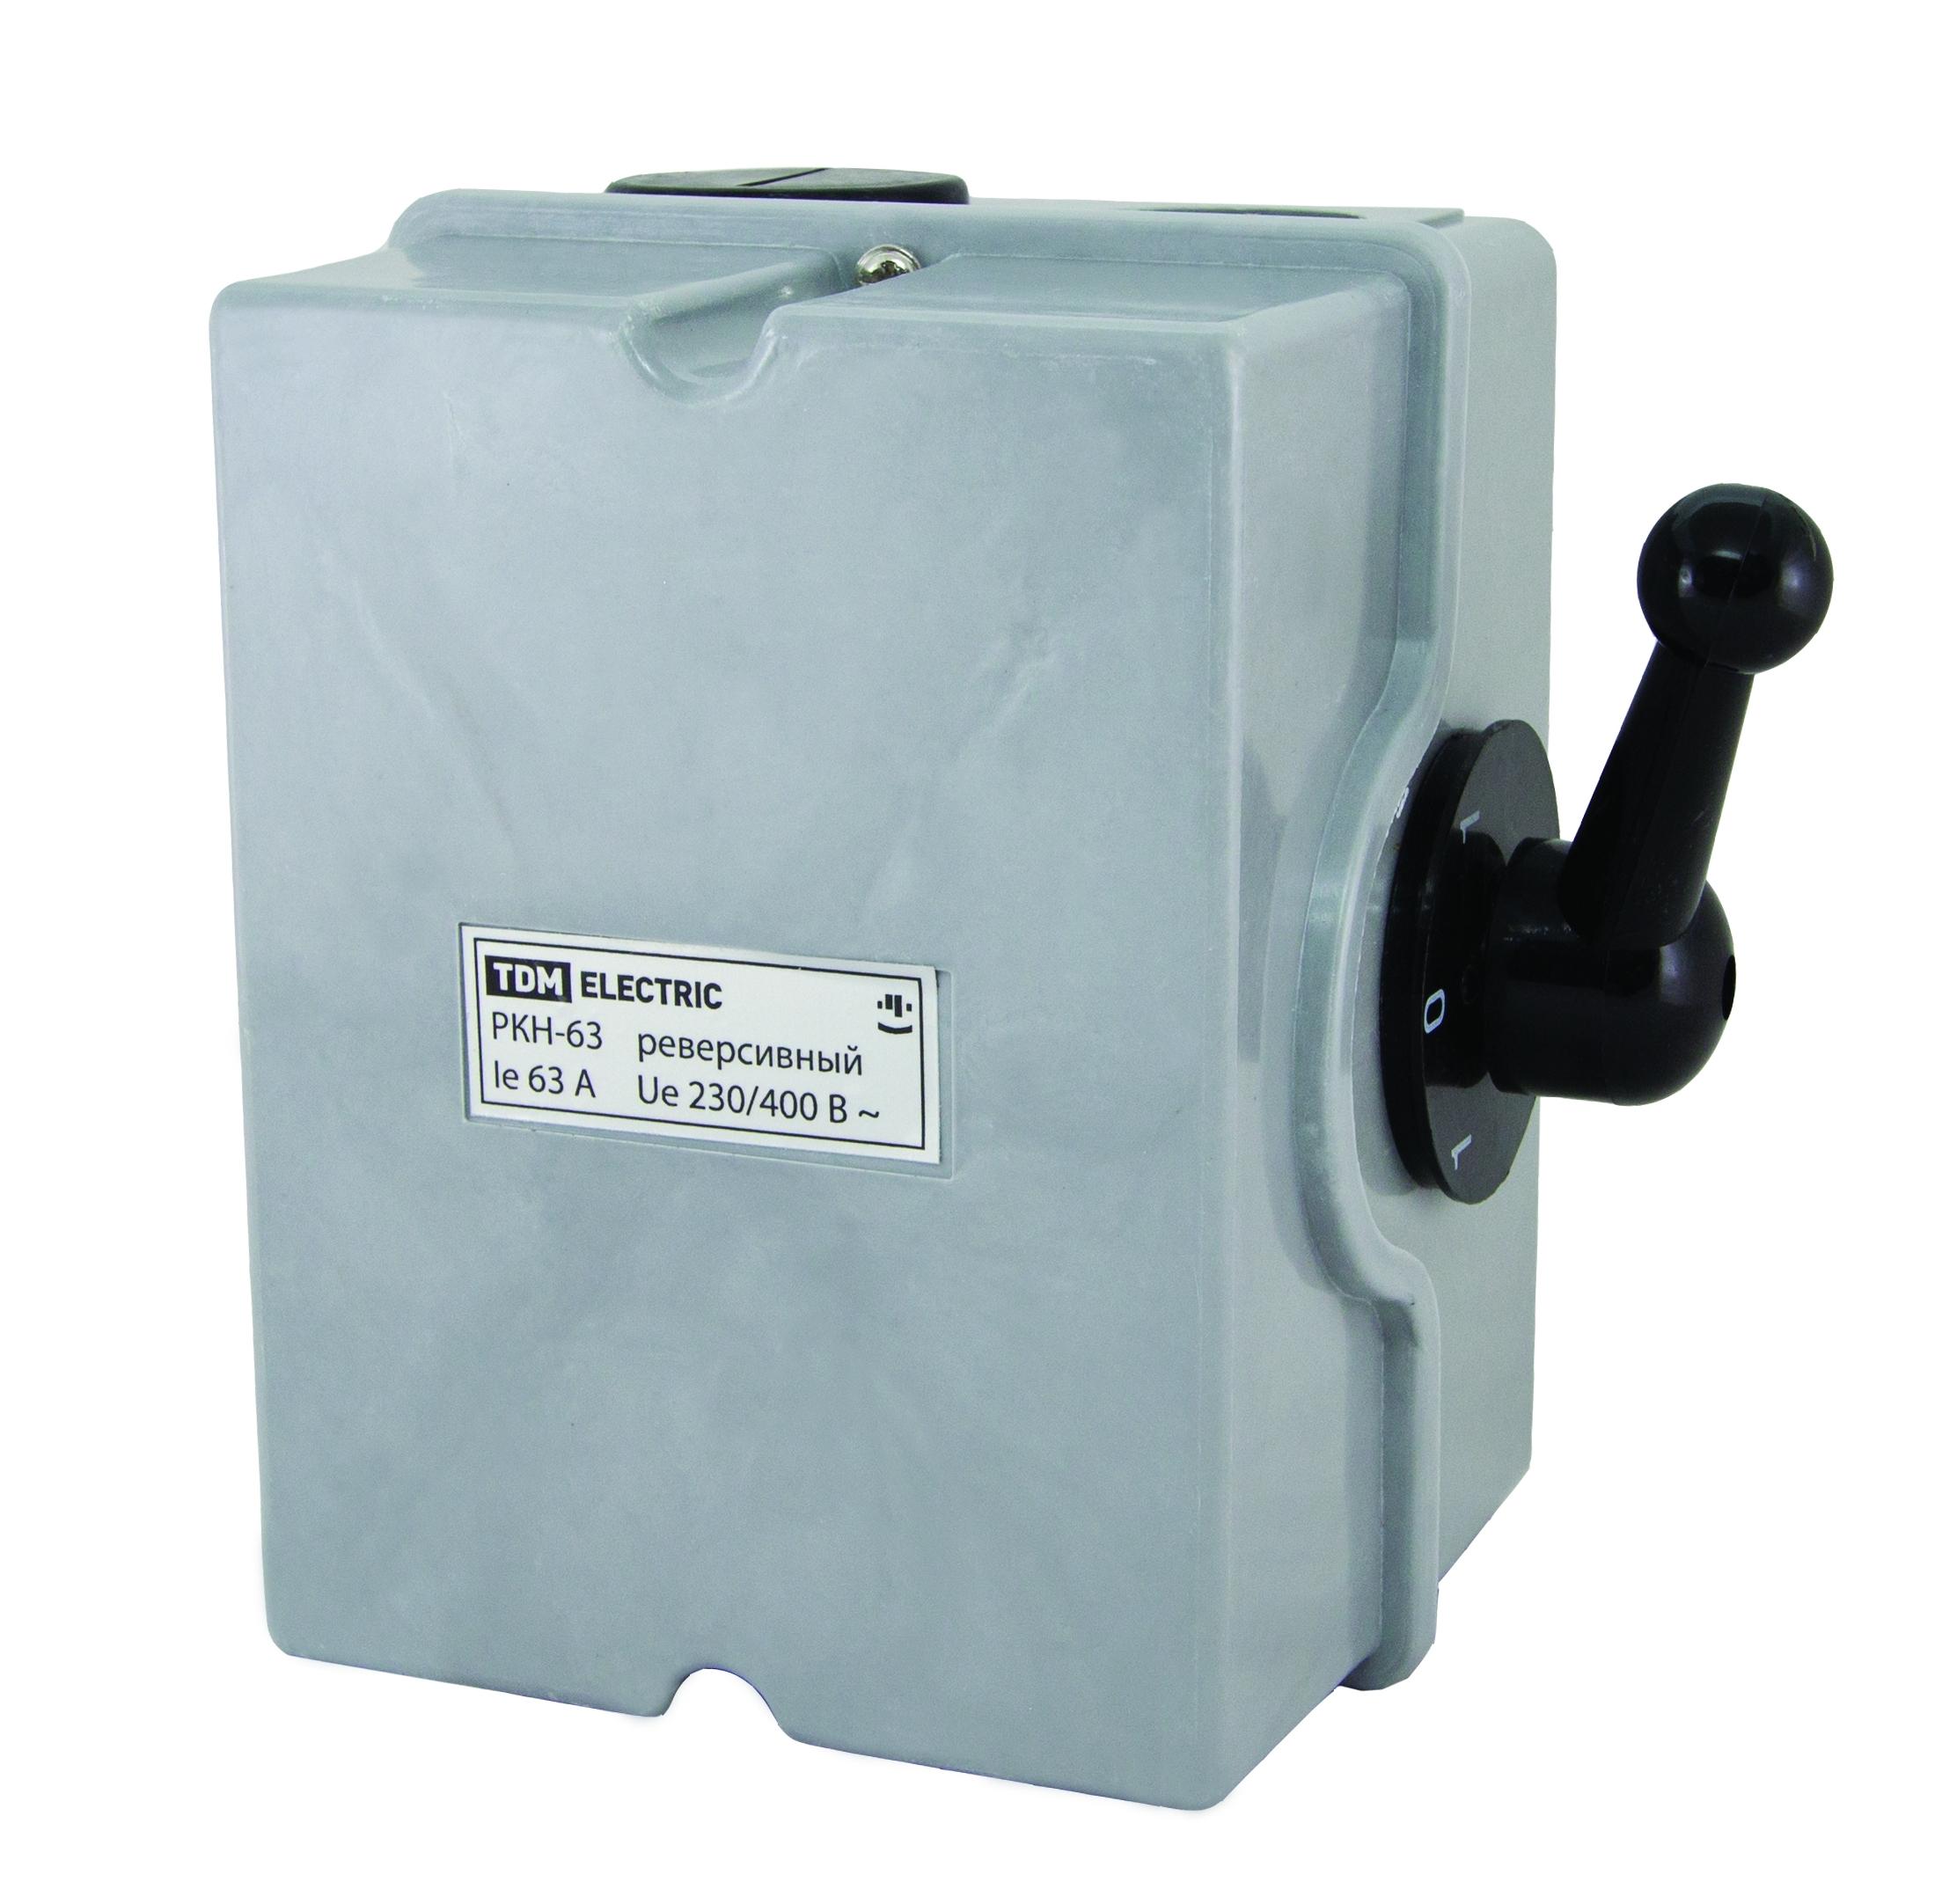 Рубильник Tdm Sq0211-0035 выключатель нагрузки мини рубильник tdm вн 32 4p 100a sq0211 0039